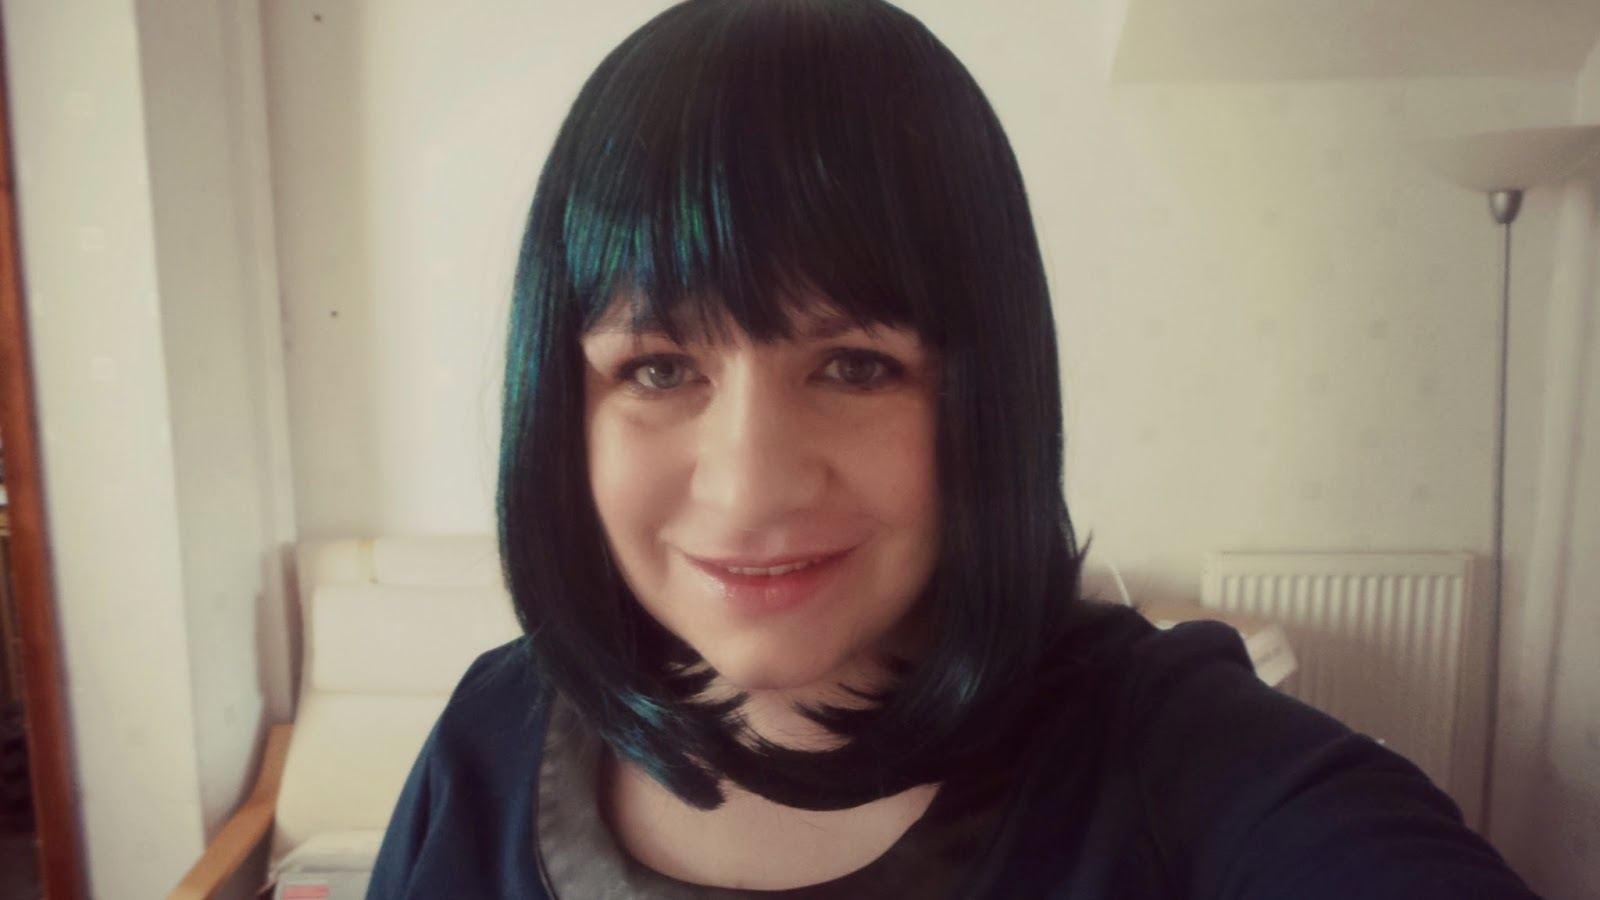 Jade wig